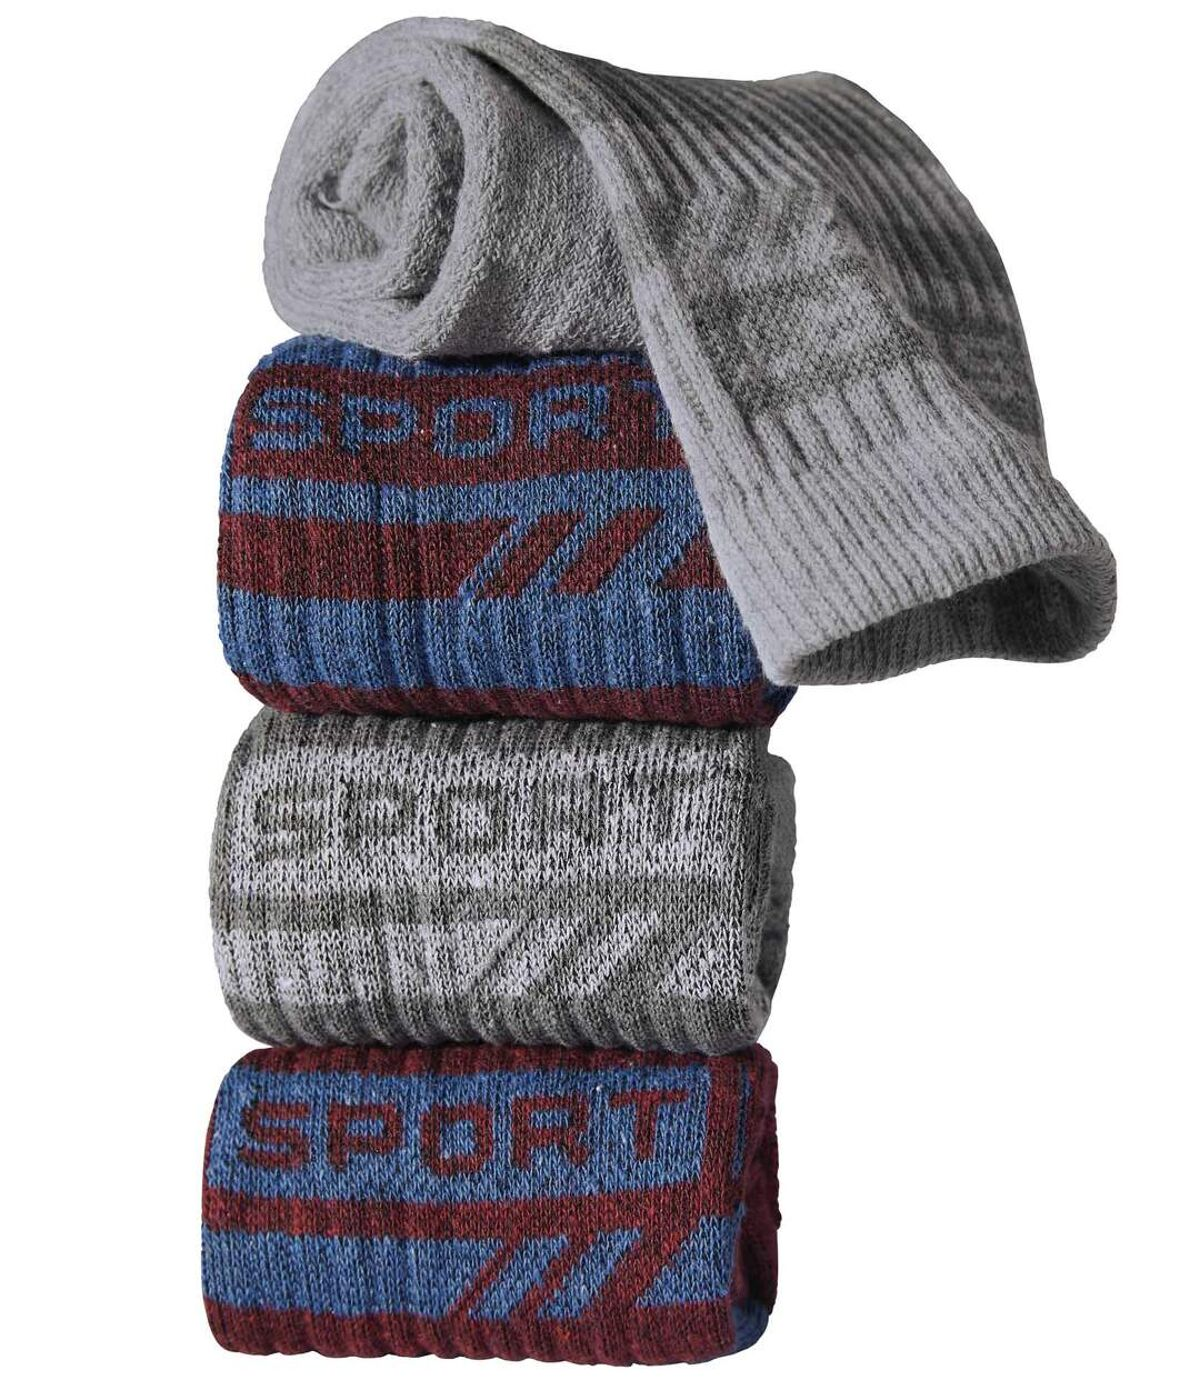 Pack of 4 Pairs of Men's Sports Socks - Burgundy Grey Indigo Atlas For Men